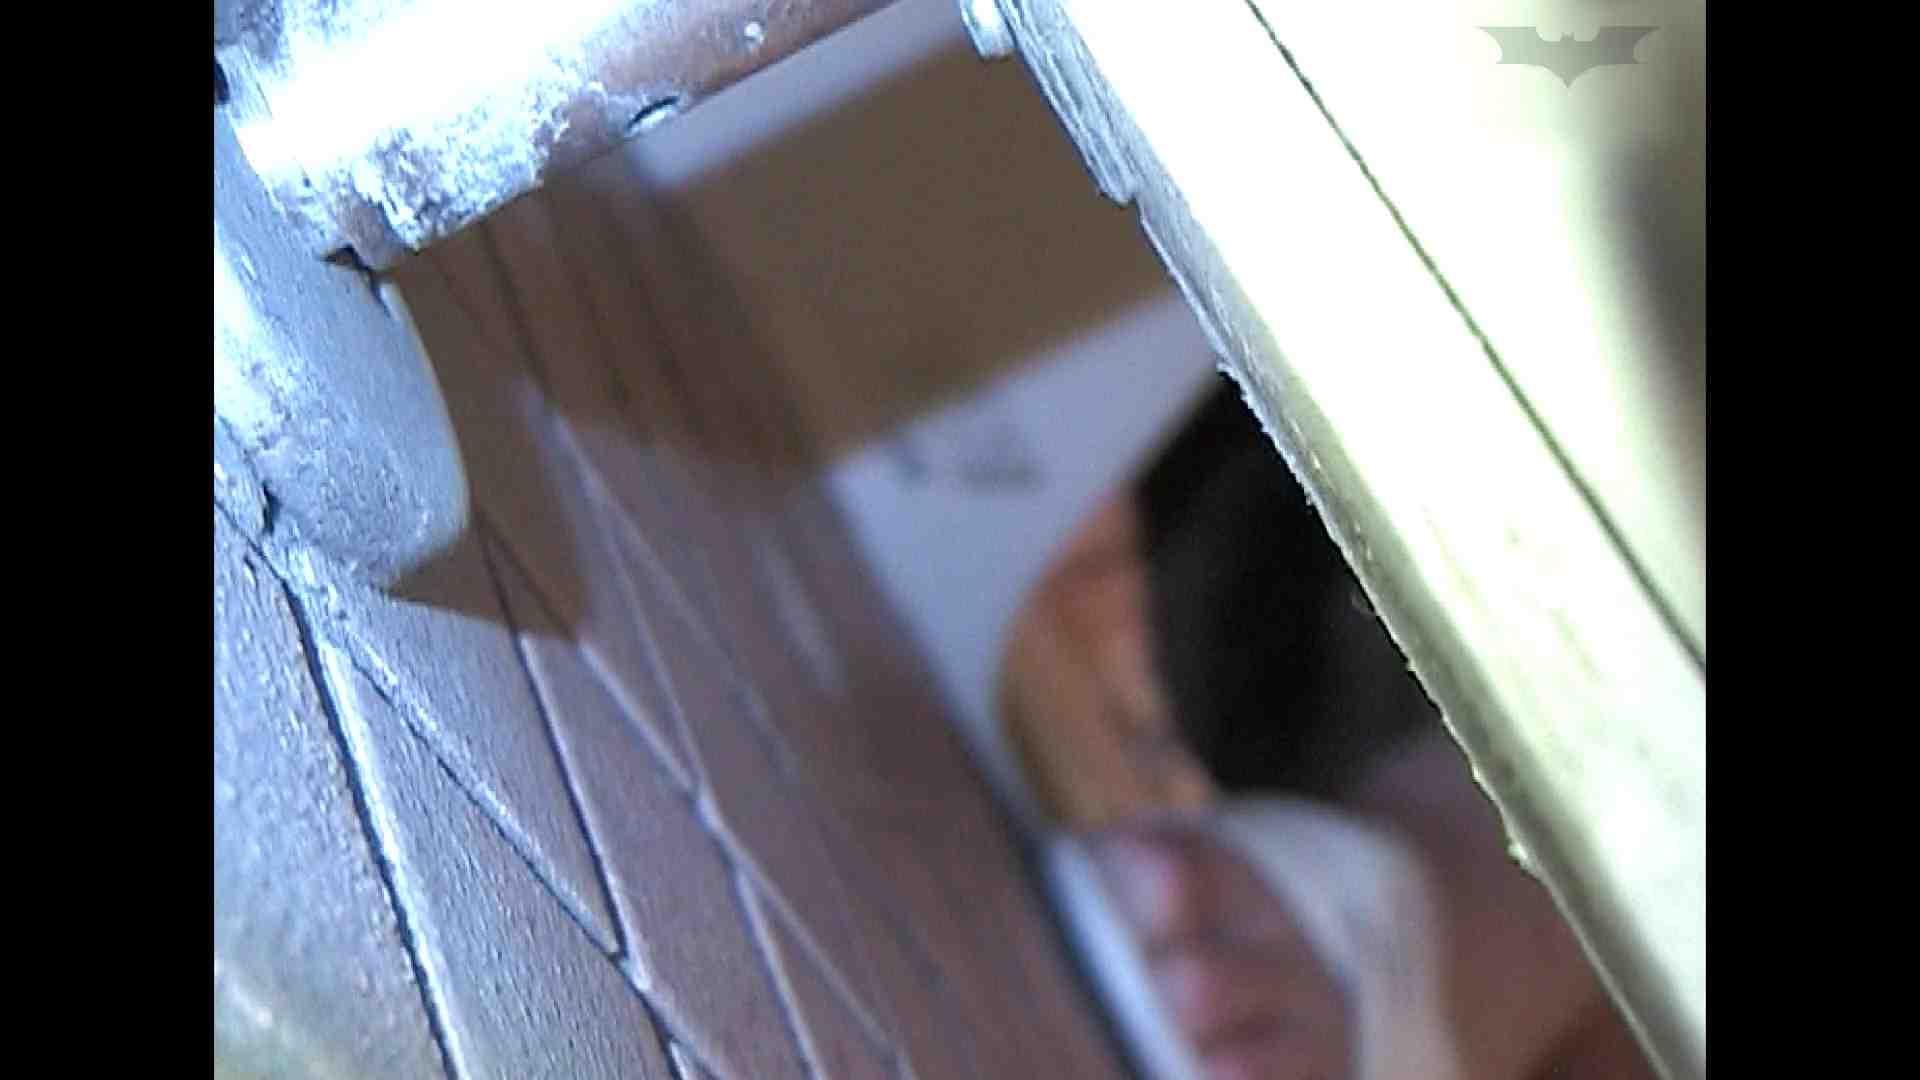 ピカ満グロ満KAWAYA物語 期間限定神キタ!ツルピカの放nyo!Vol.22 期間限定シリーズ AV動画キャプチャ 95画像 10